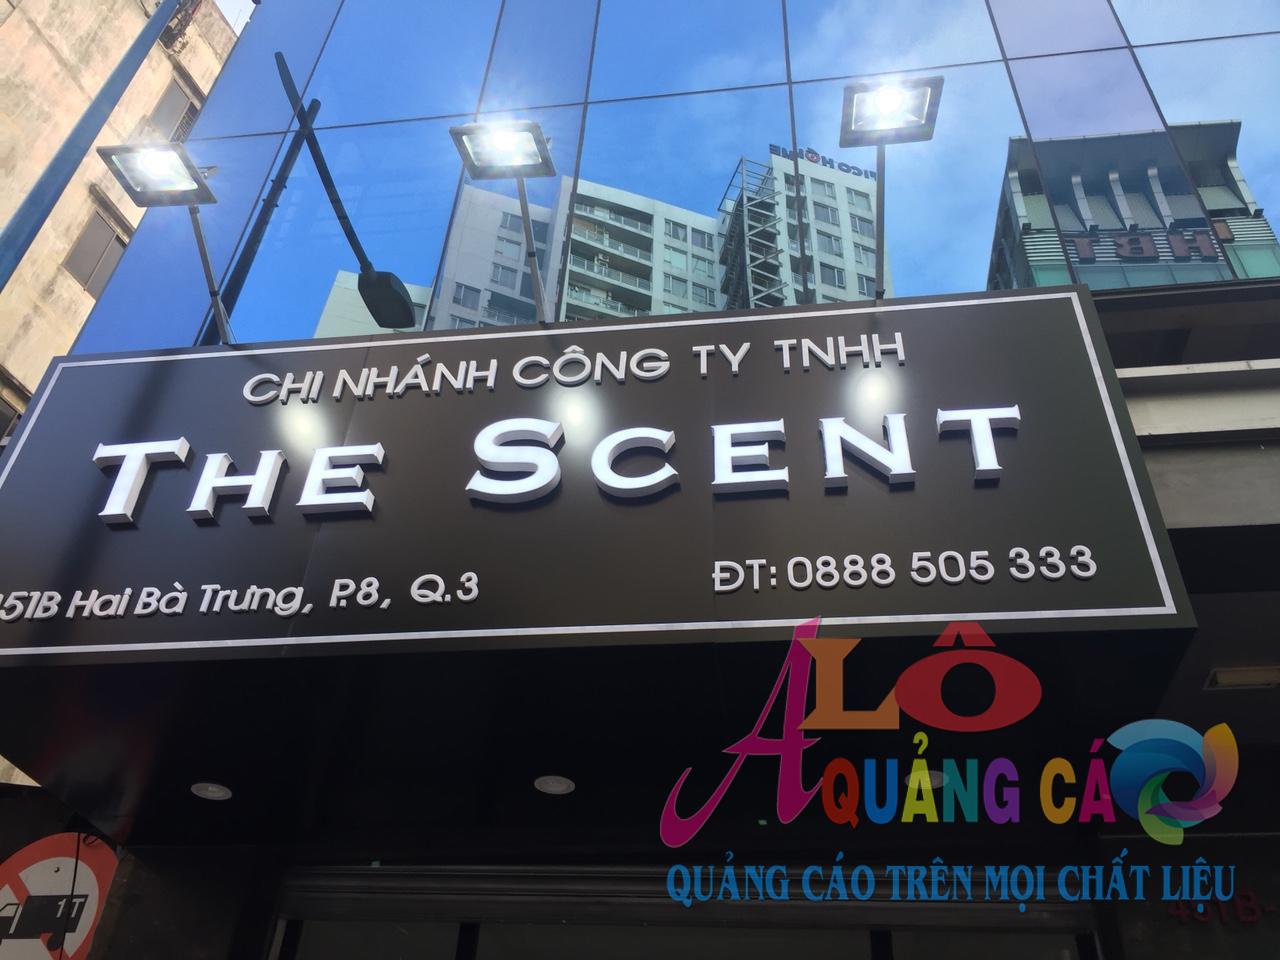 Thi công chuỗi bảng hiệu alu chữ nổi mica led The Scent Shop Quận 3